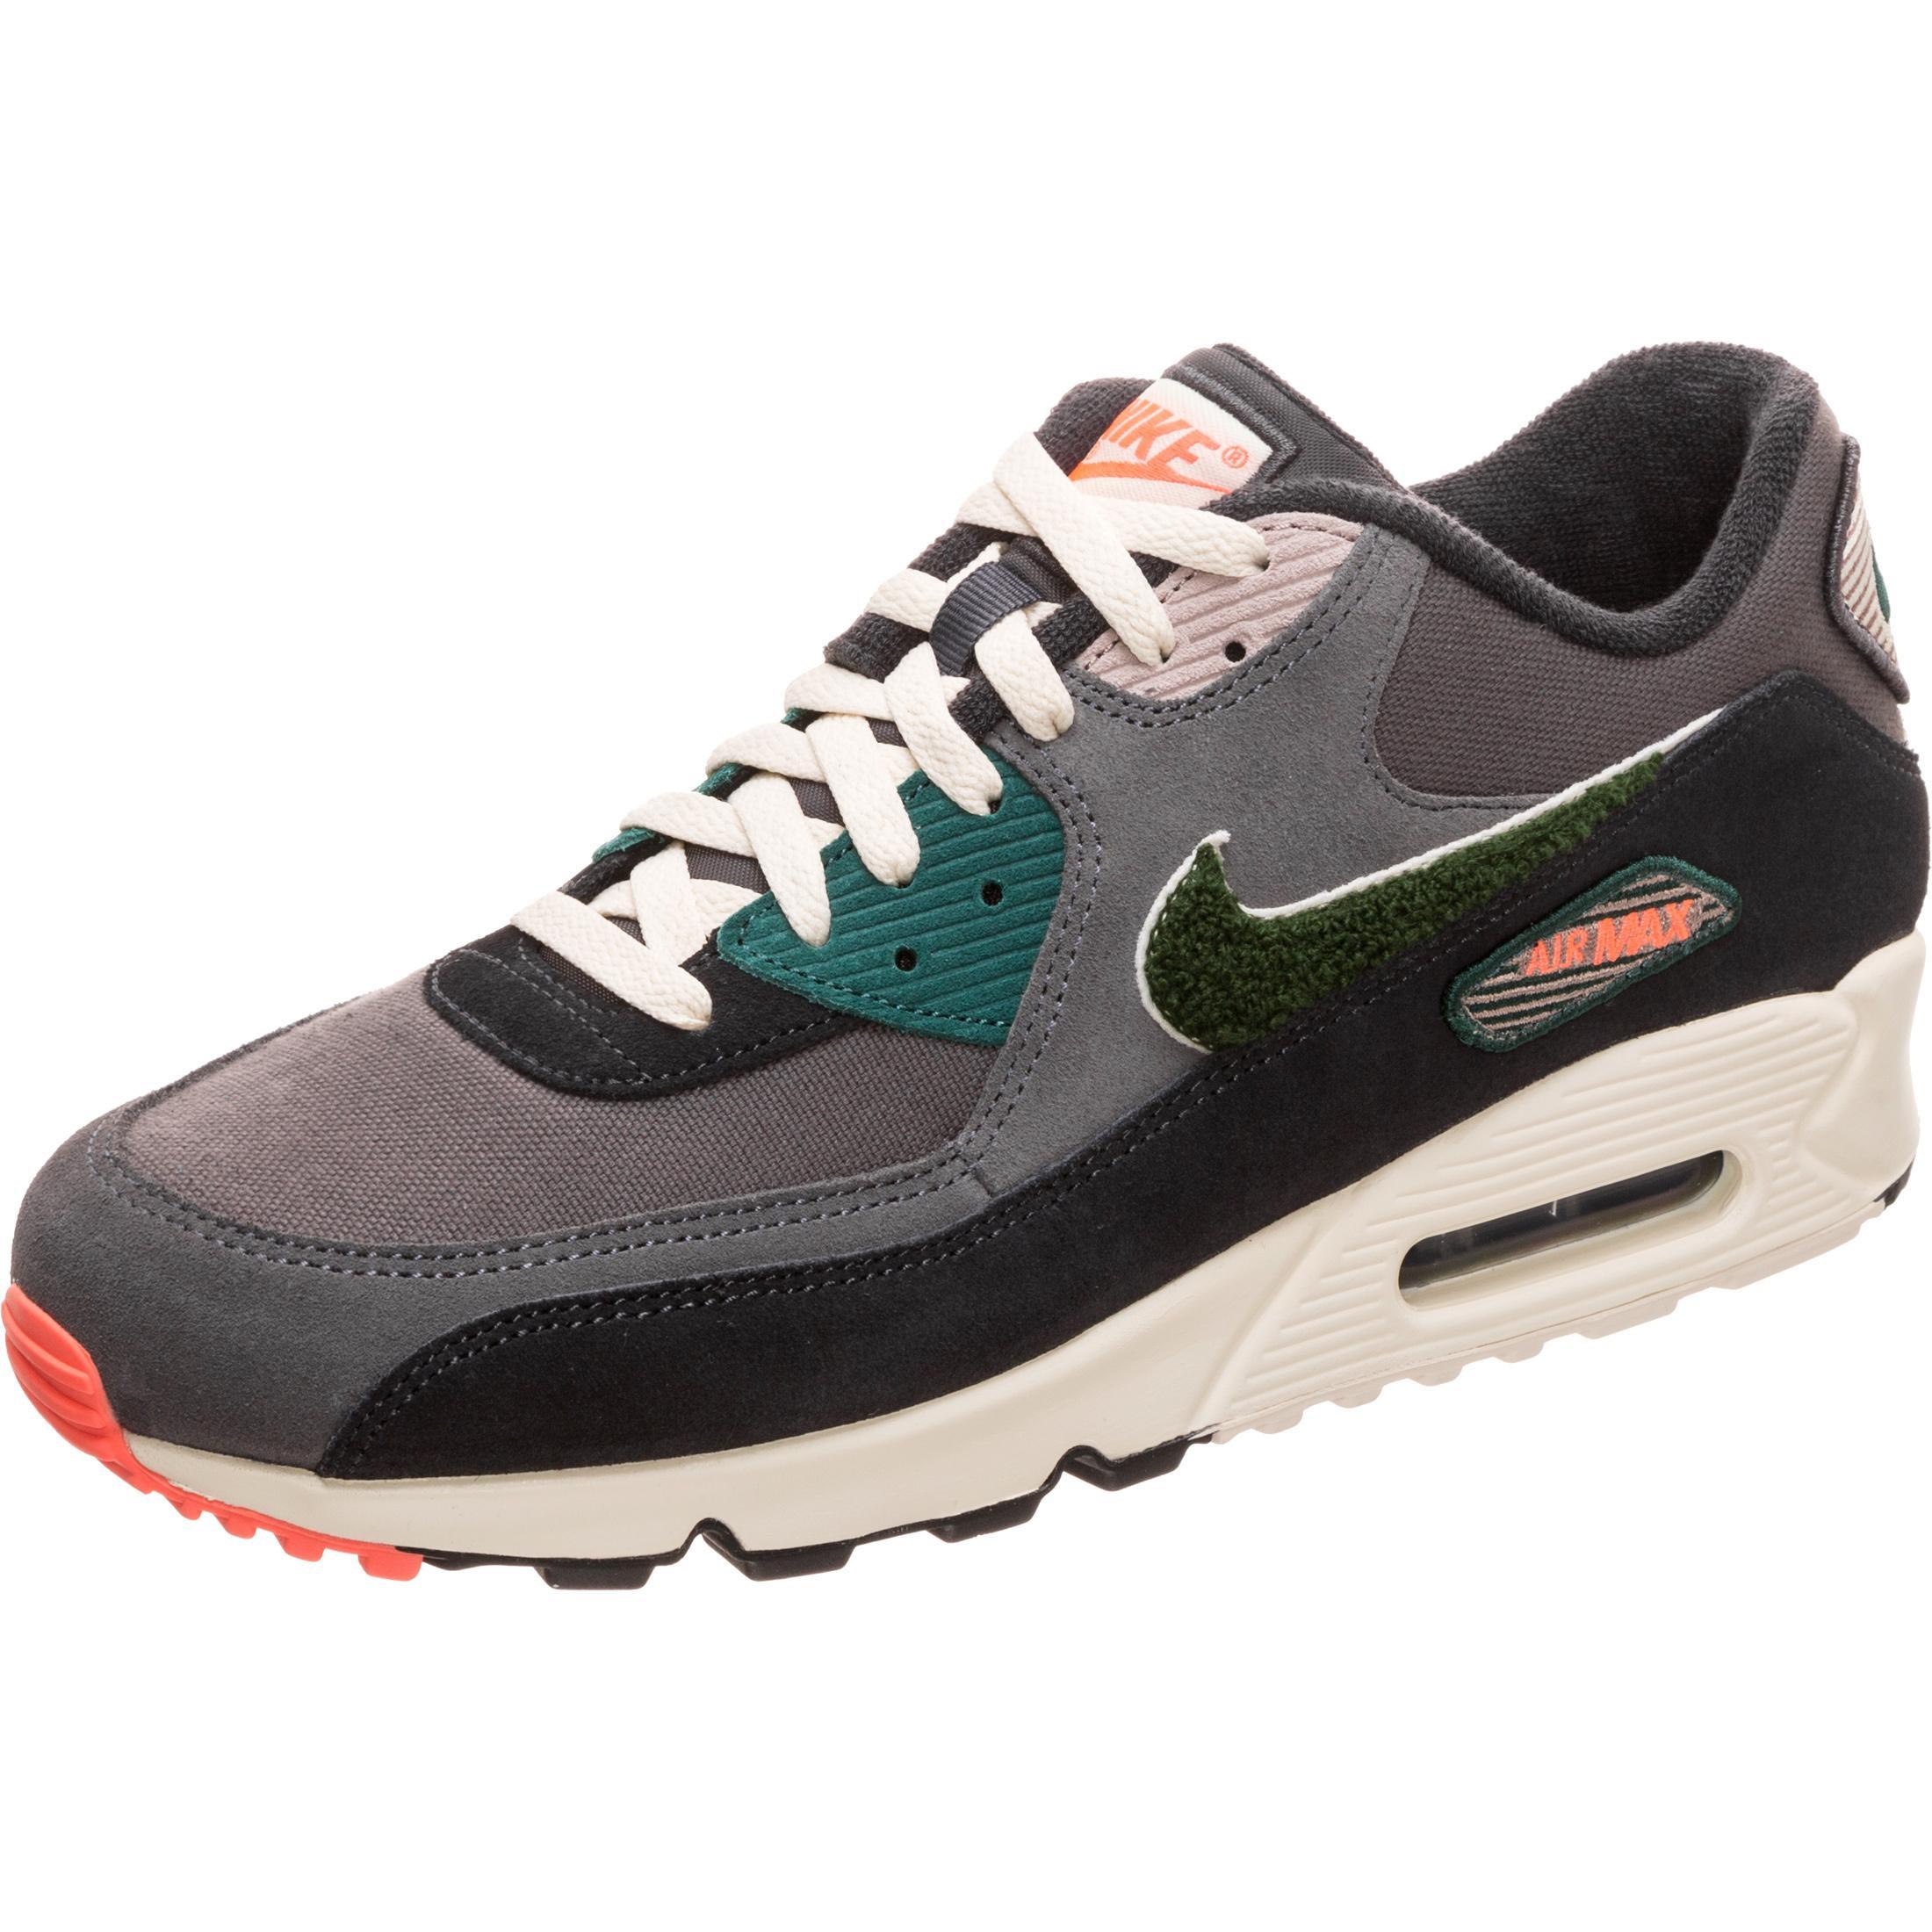 Air Se Max Im Sportscheck Grau Von Grün Nike Online Sneaker